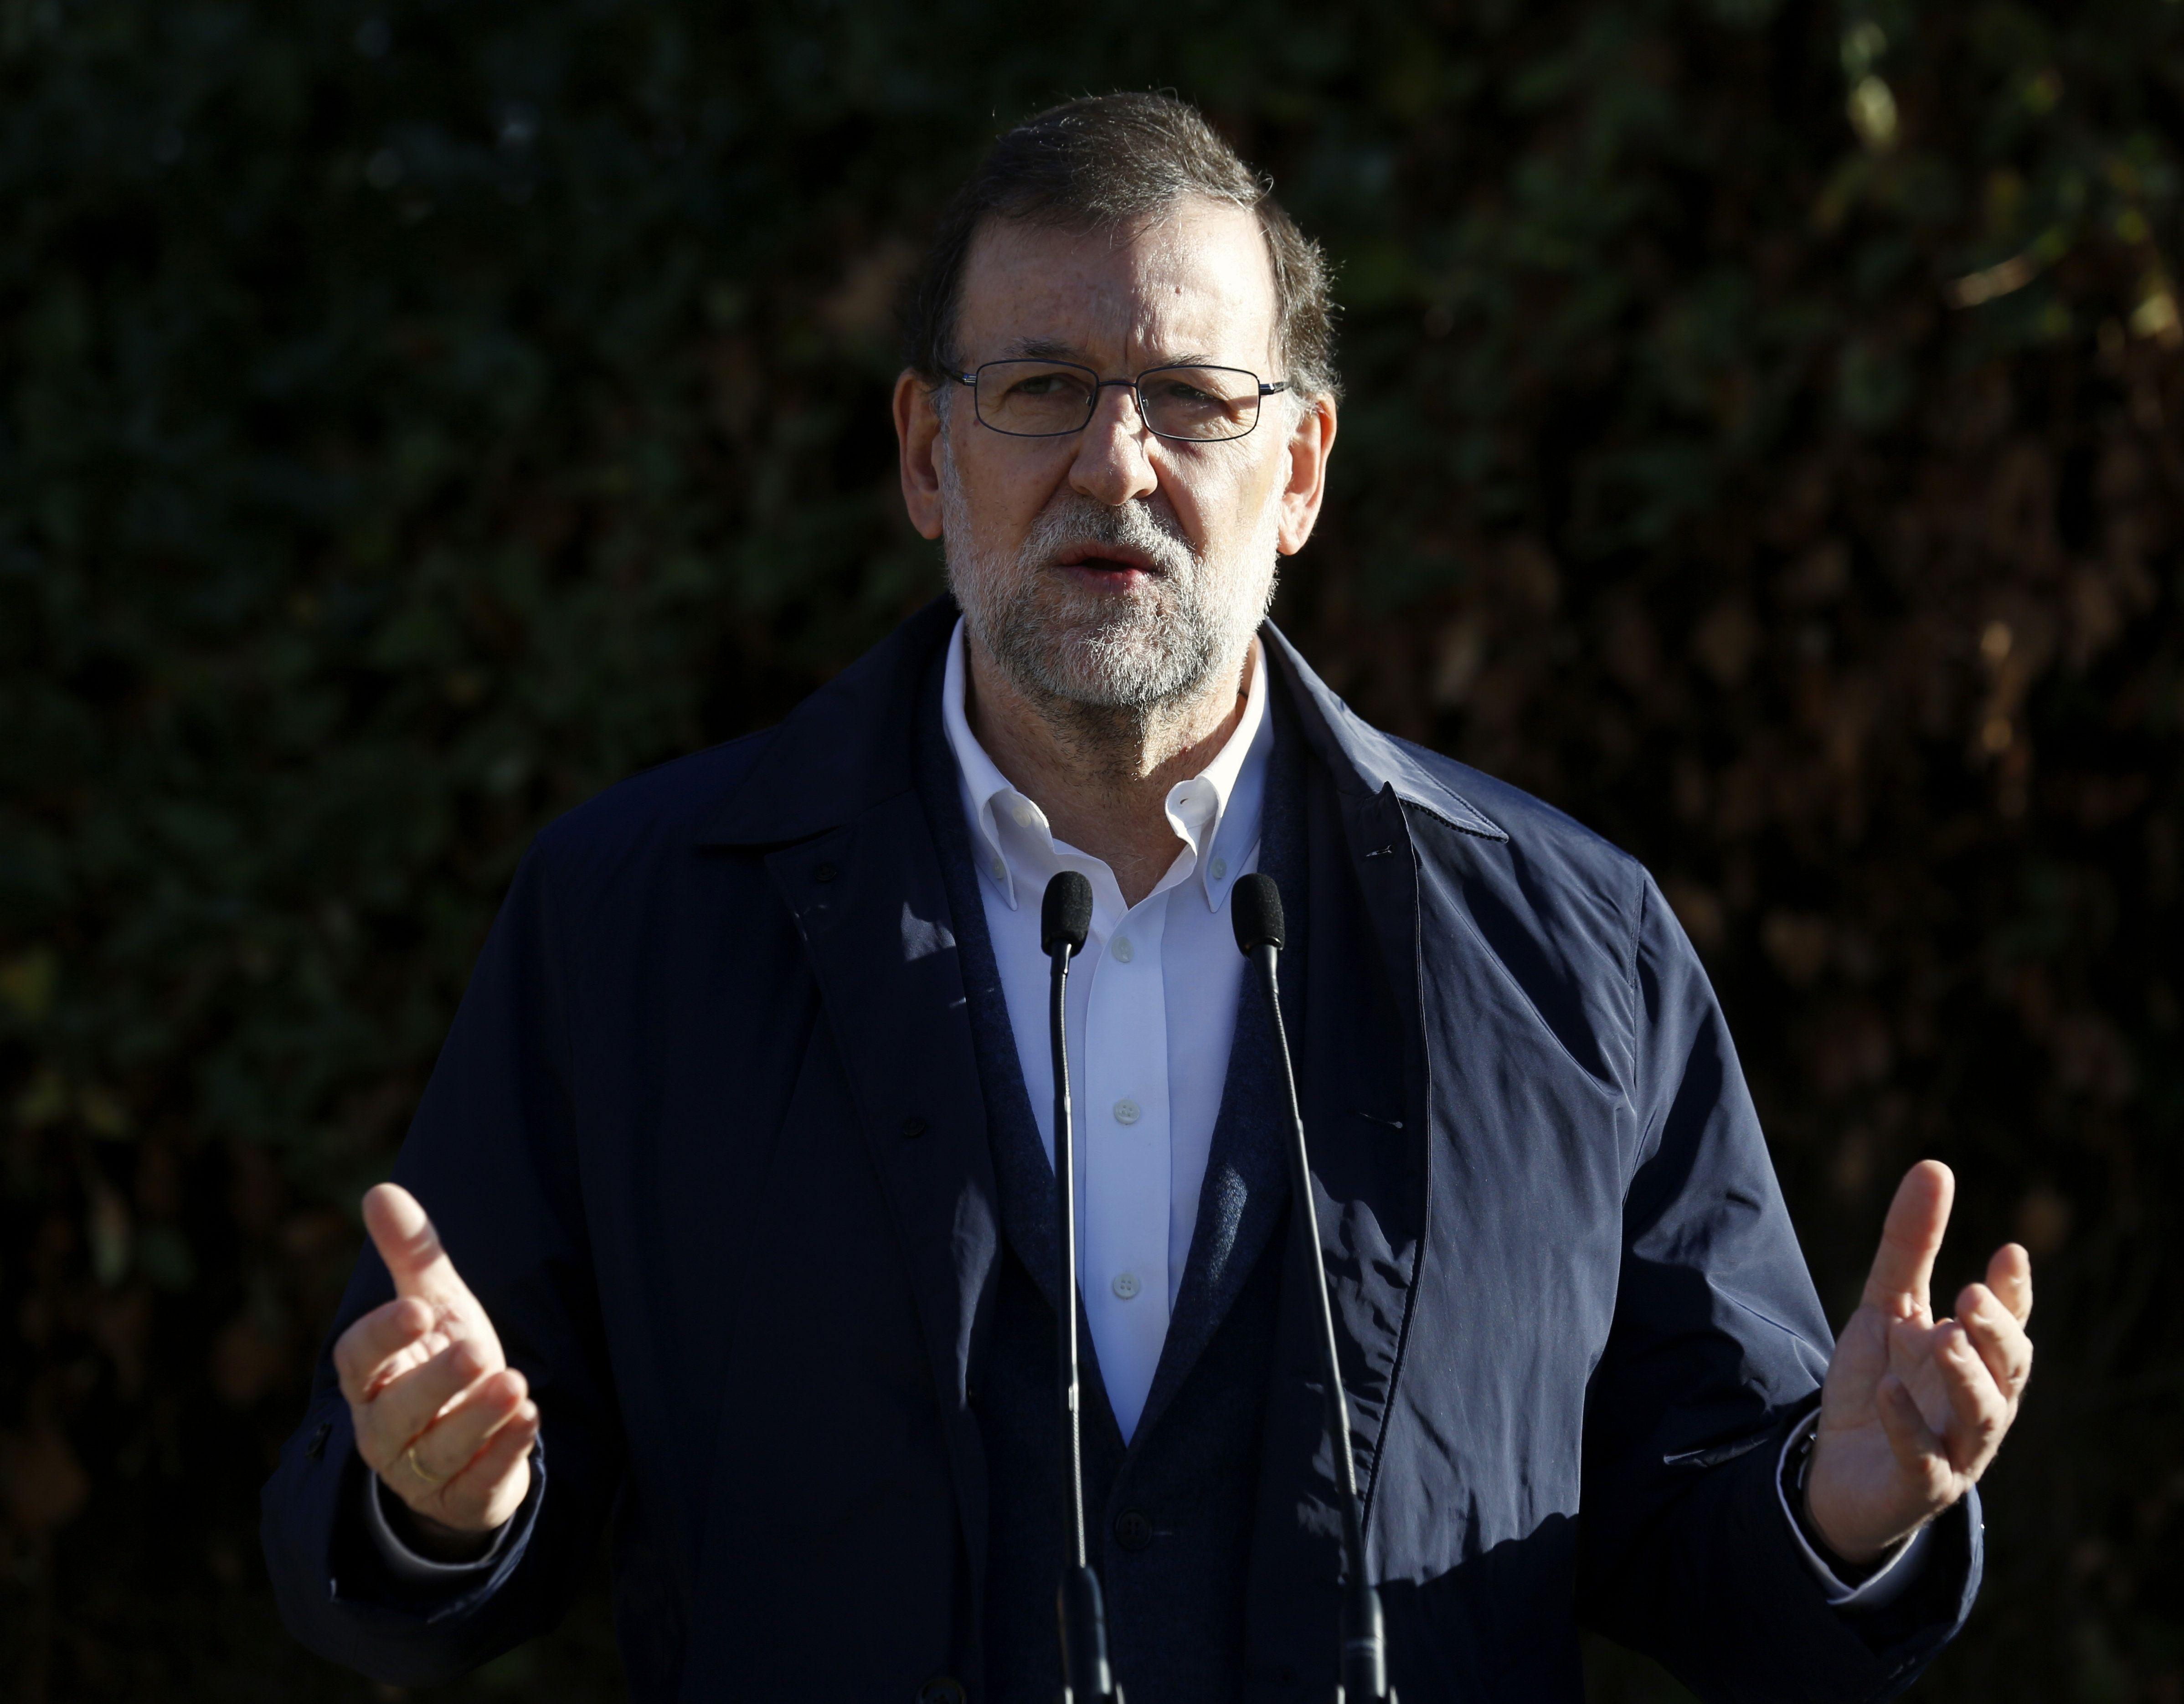 El partido de Rajoy venció en España, pero no le alcanza para gobernar